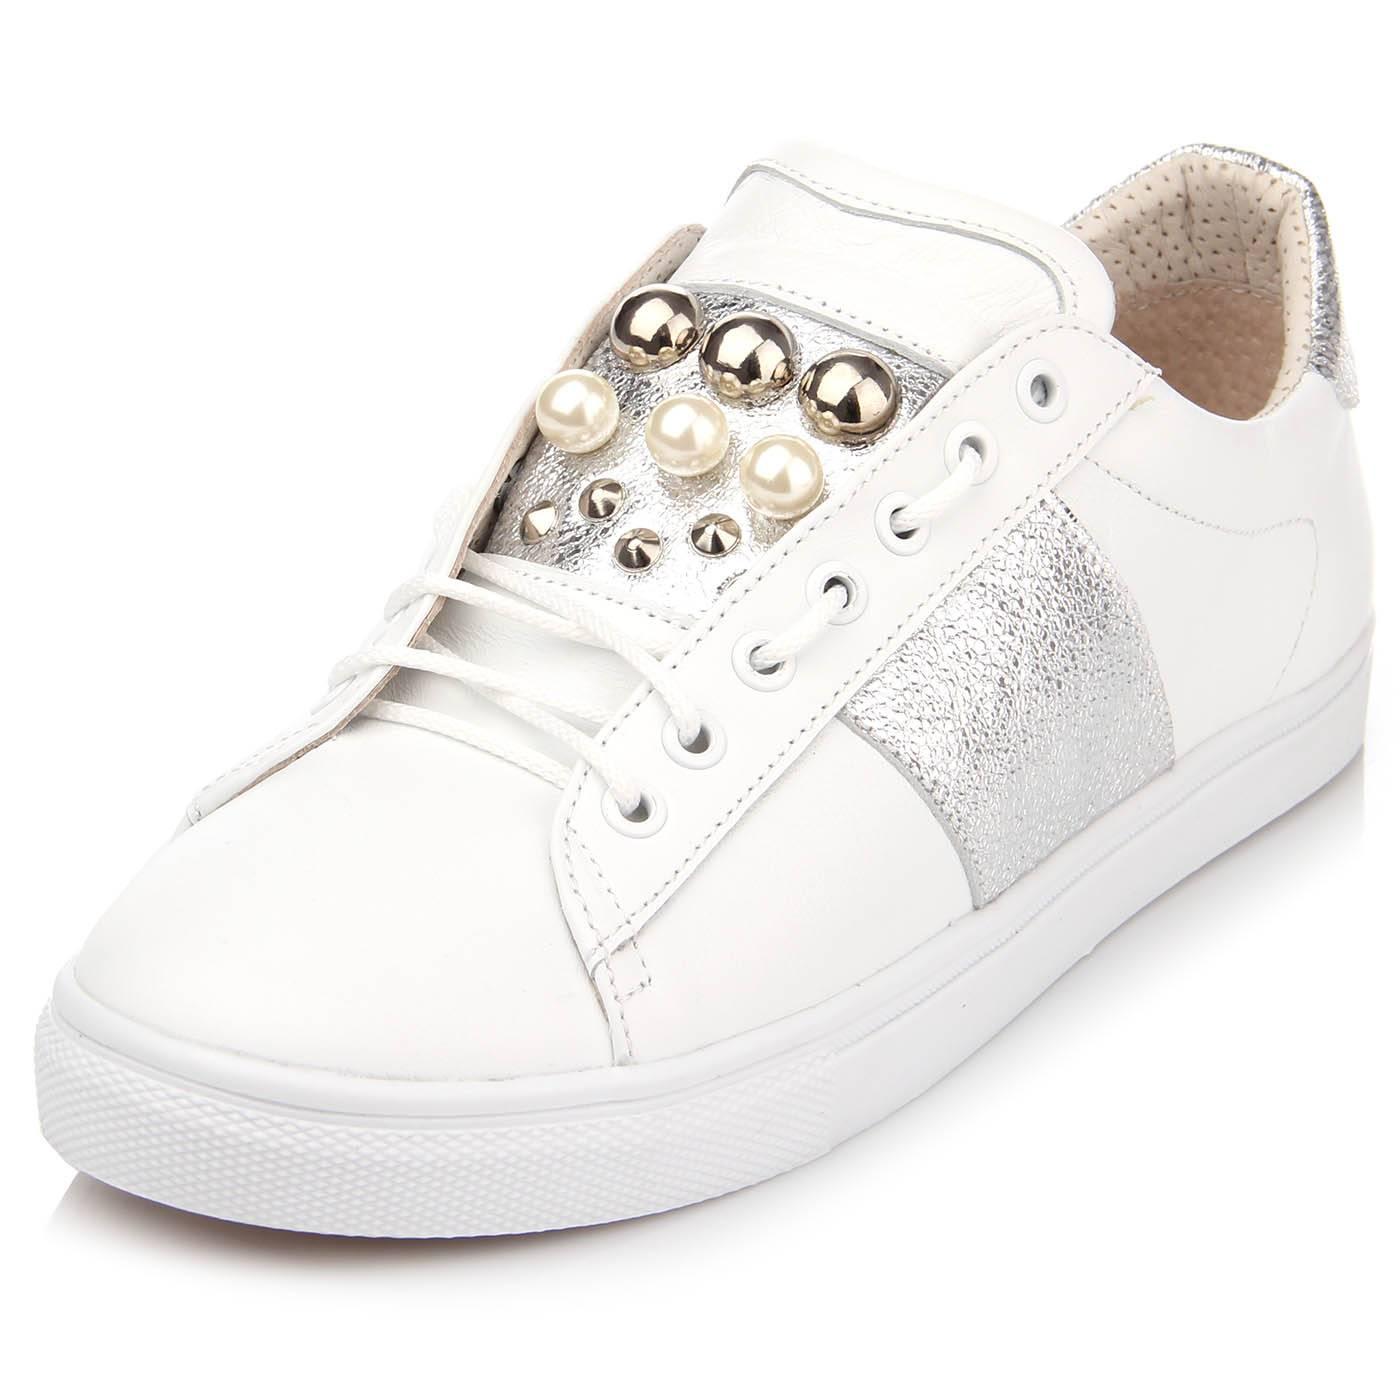 Кеди жіночі bosa 6503 Білий купить по выгодной цене в интернет ... 7670520d98fef